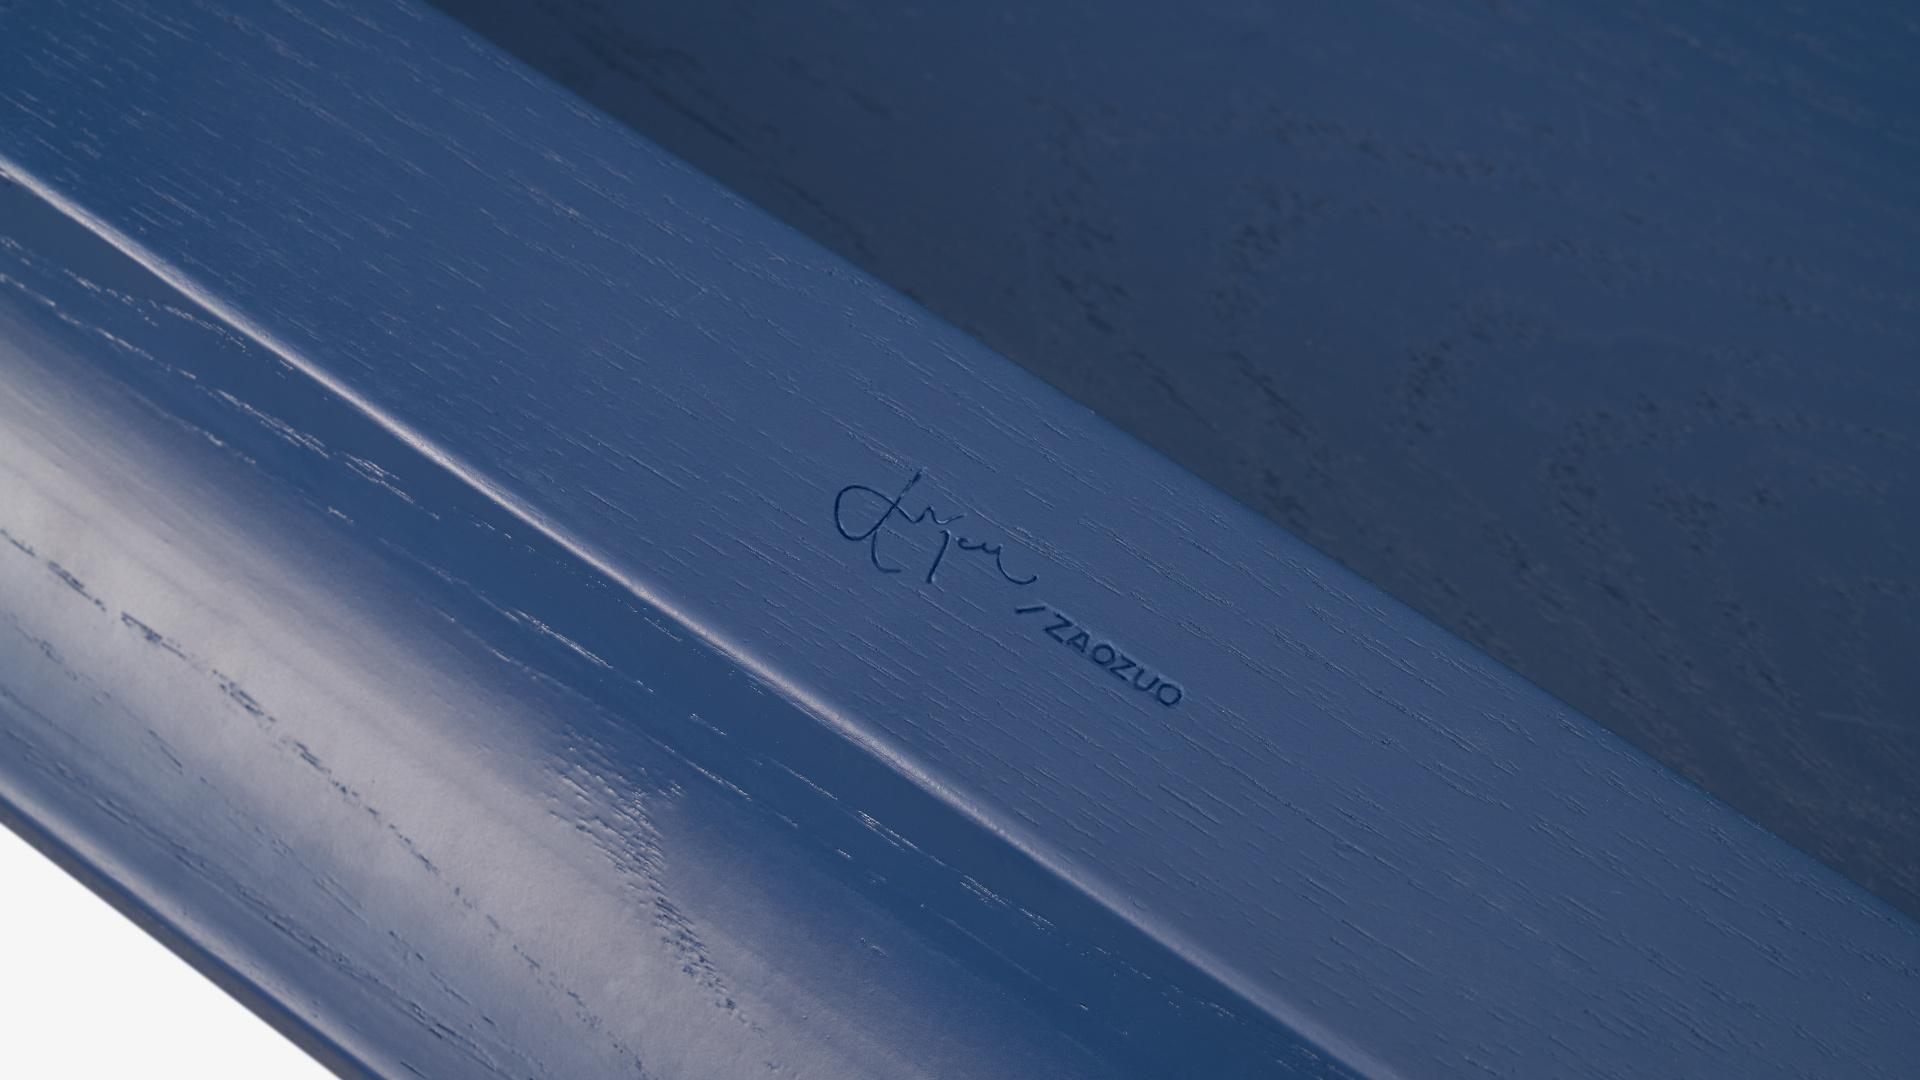 瑞典设计师Jonas Wagell签名正品